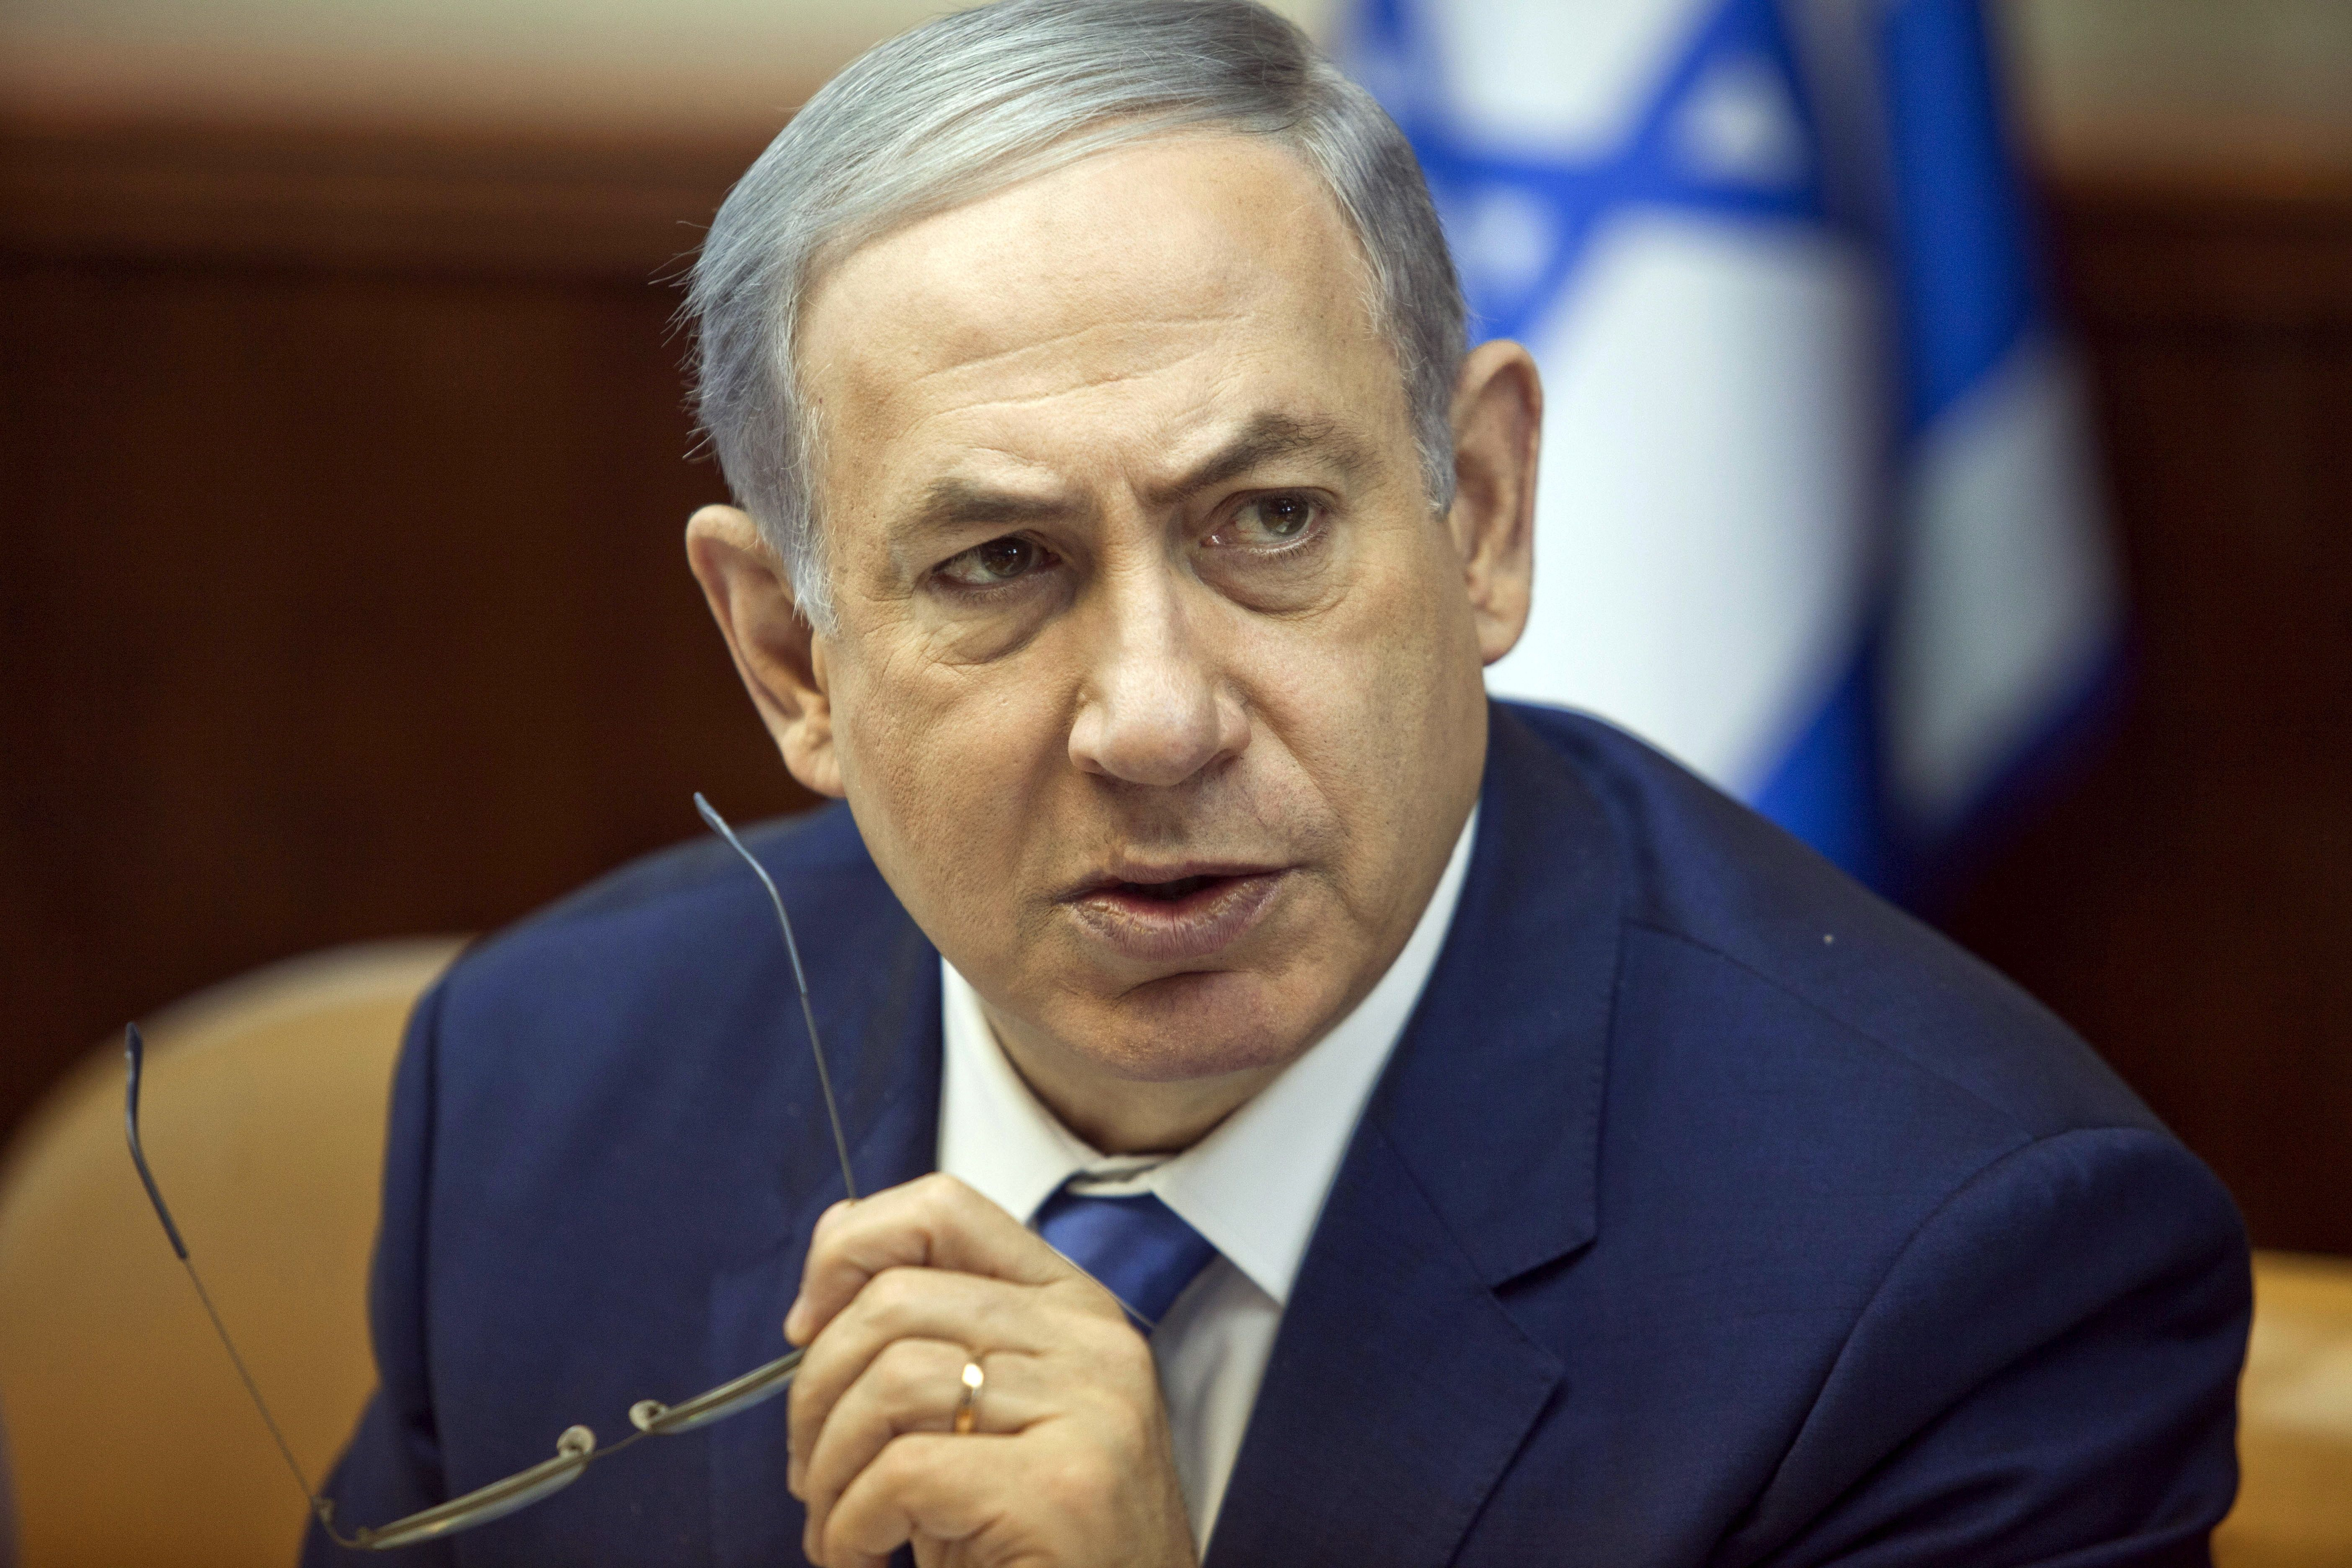 Israël : un juif extrémiste placé en détention administrative